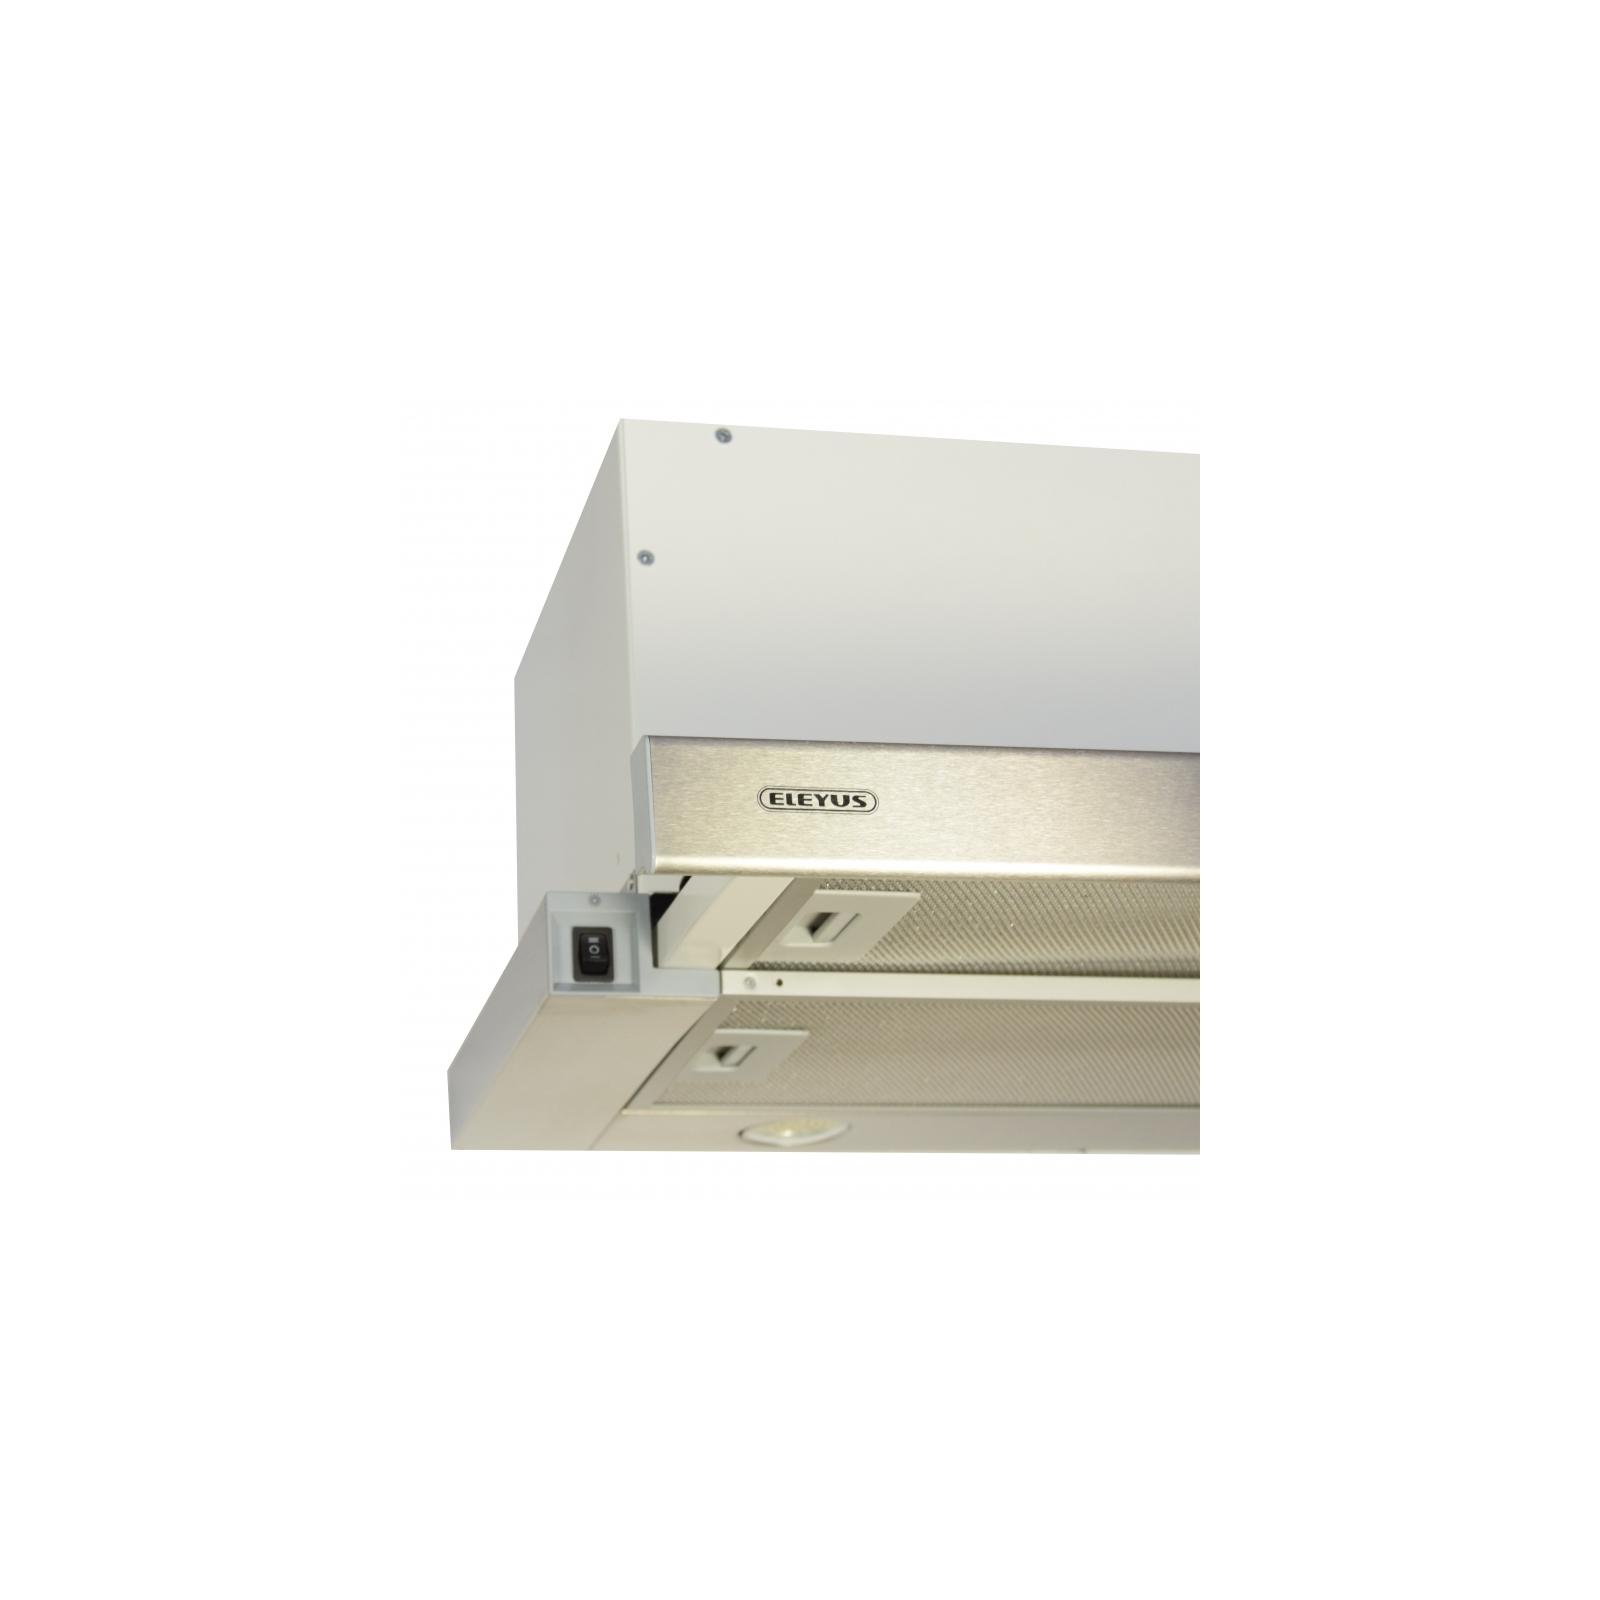 Вытяжка кухонная ELEYUS Storm 1200 LED 60 IS изображение 9